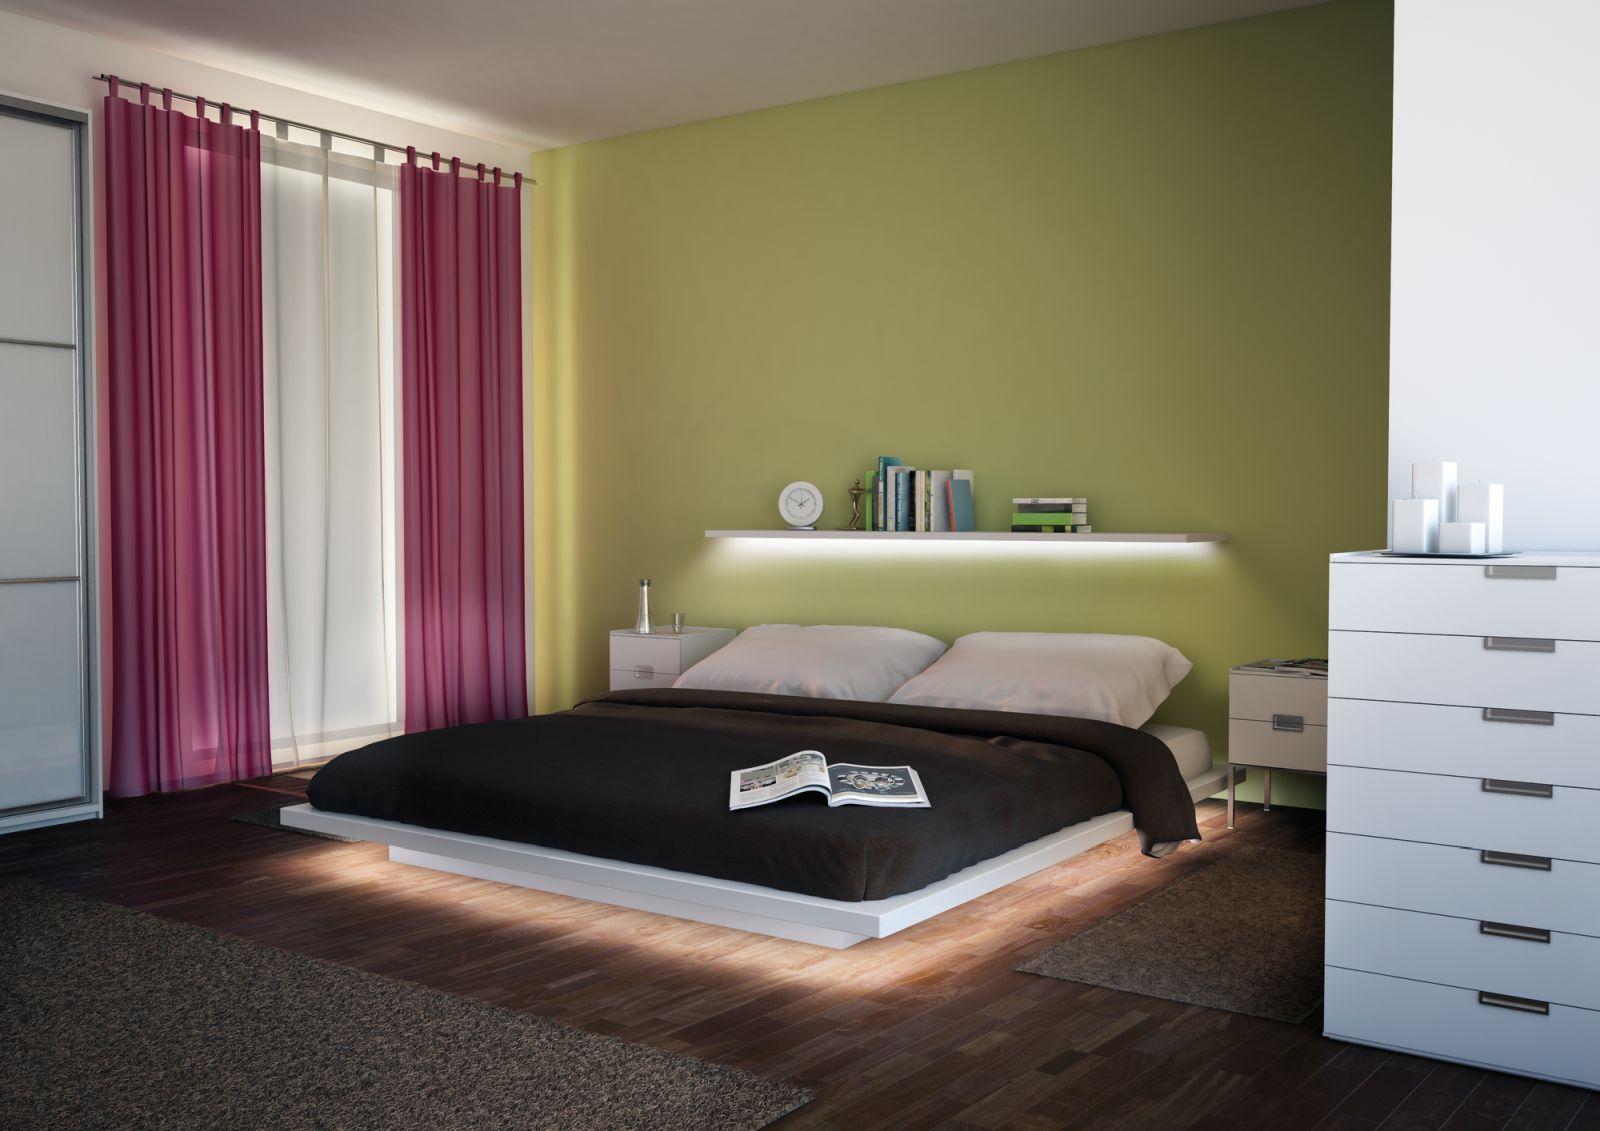 Beleuchtung für das Schlafzimmer. Mit dem LED Streifen Trend